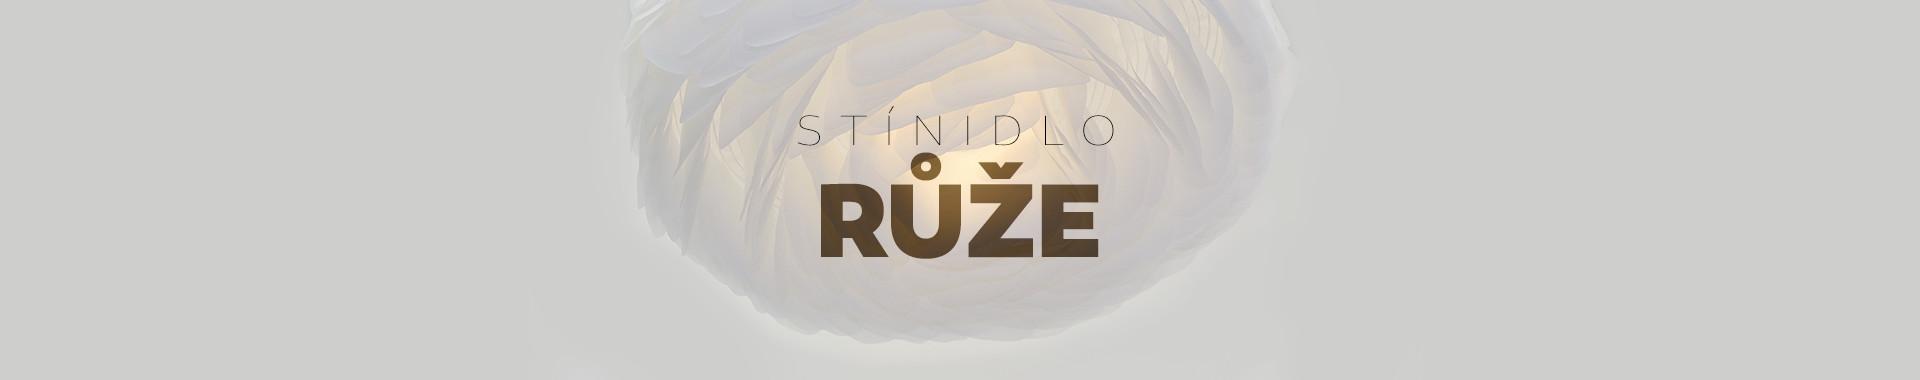 header_ruze